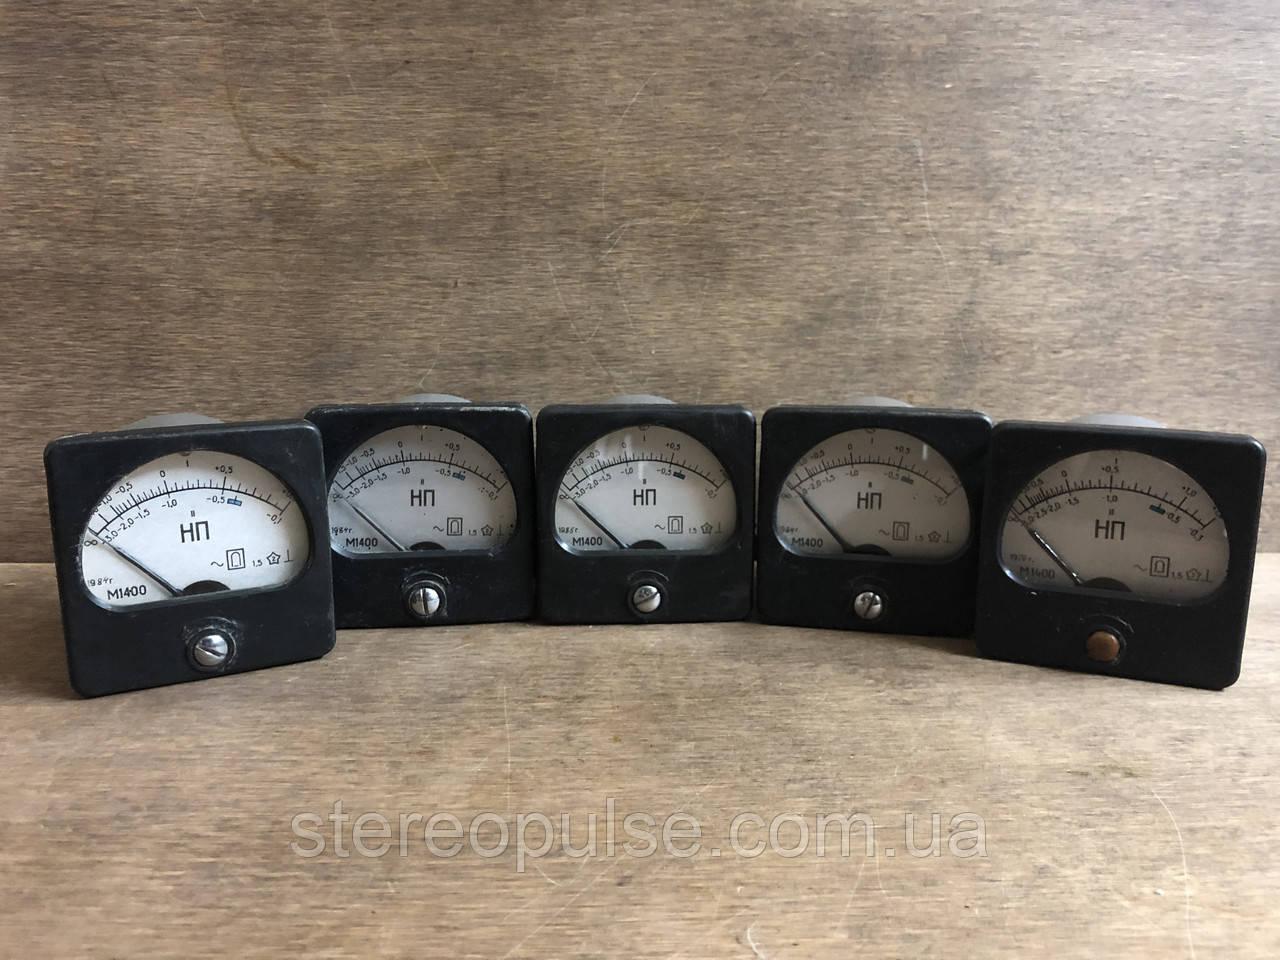 Головка измерительная М1400